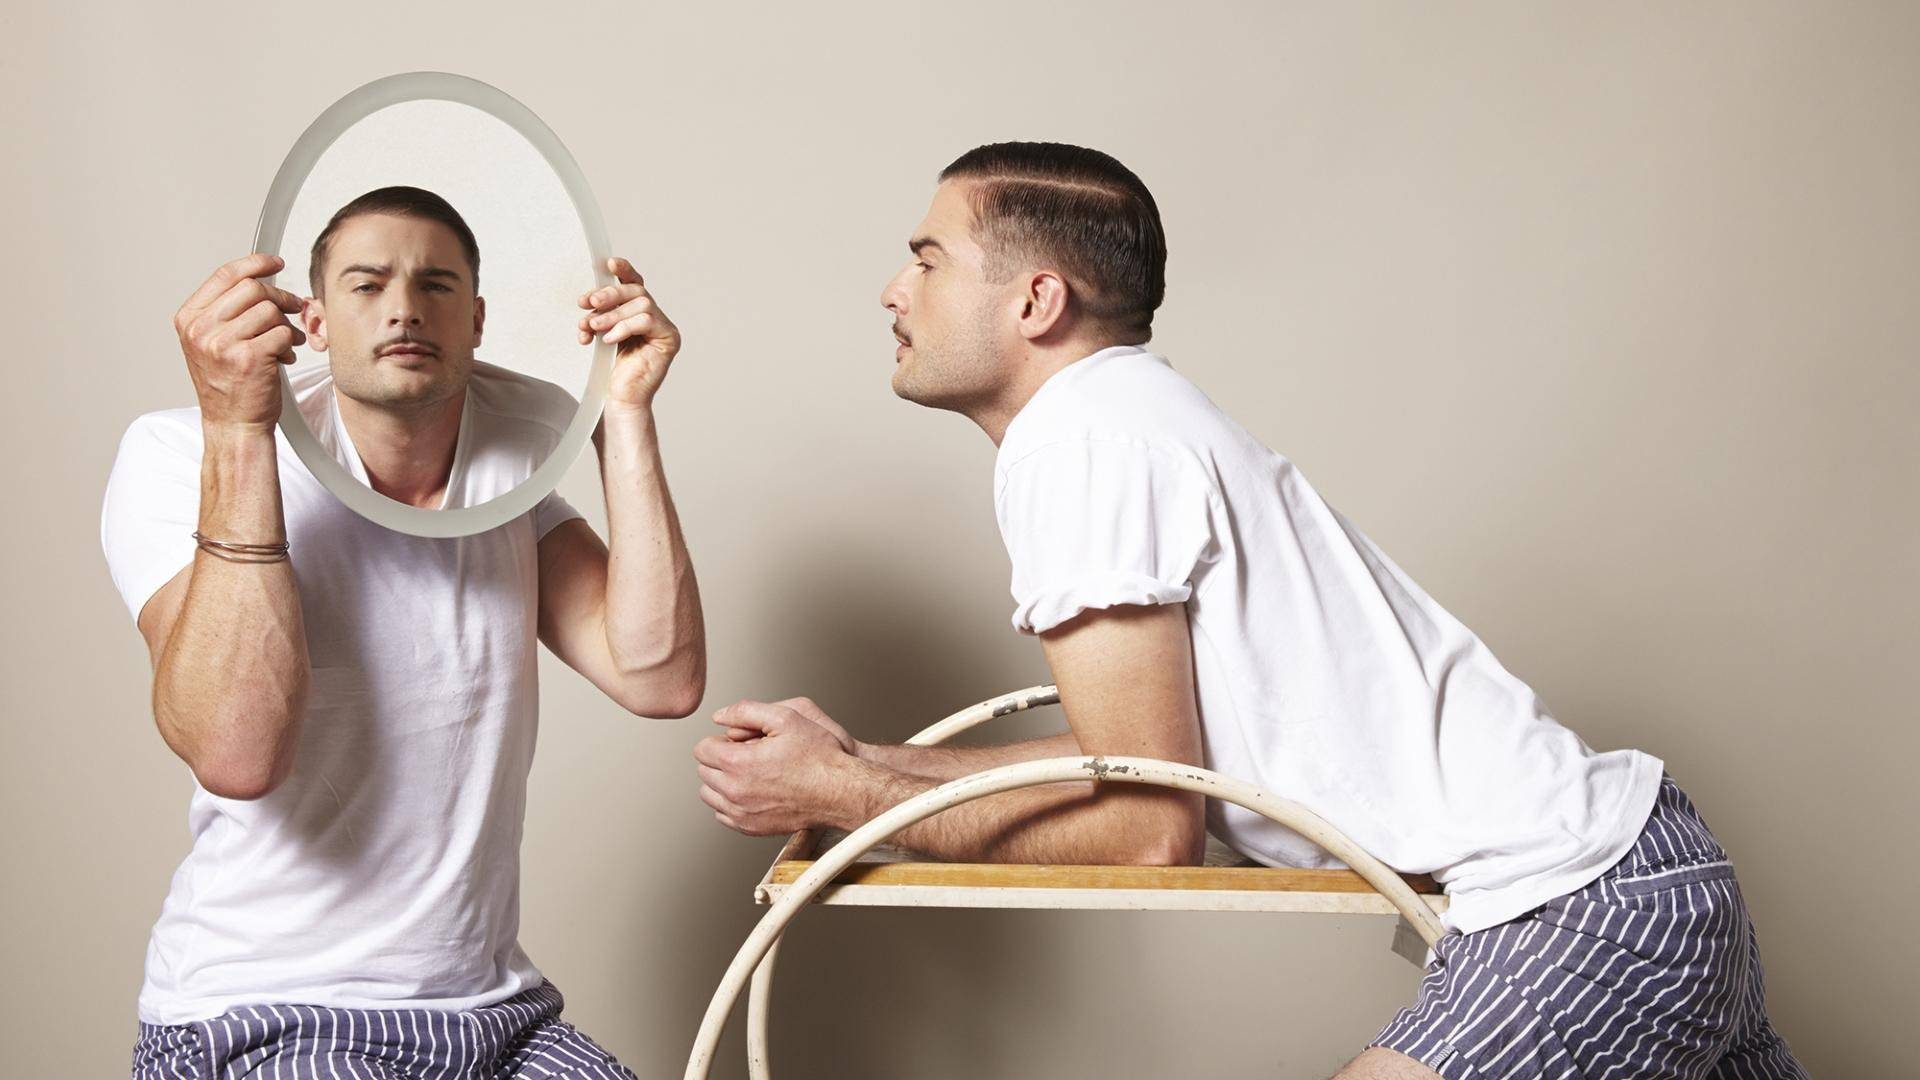 У нарциссов ослаблены навыки критического мышления